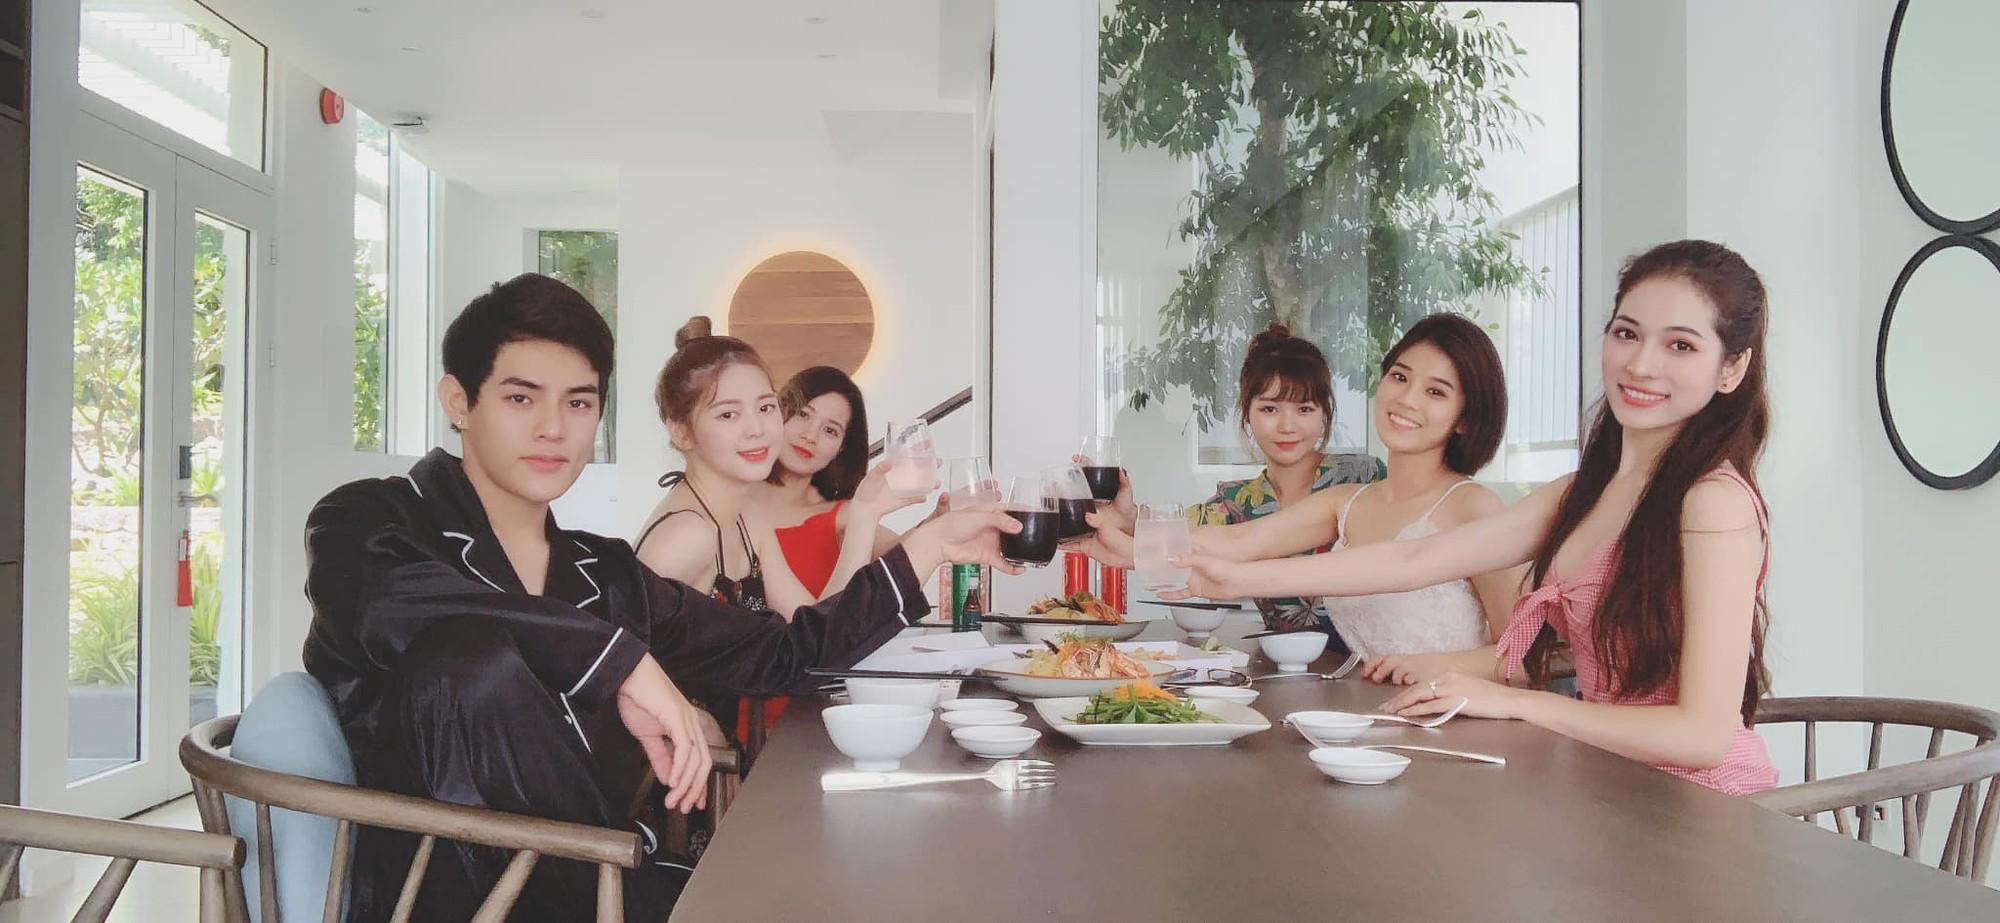 Bạn gái Dương Khắc Linh đưa cả hội bạn thân đi du lịch, tổ chức tiệc độc thân trước ngày cưới - Ảnh 4.